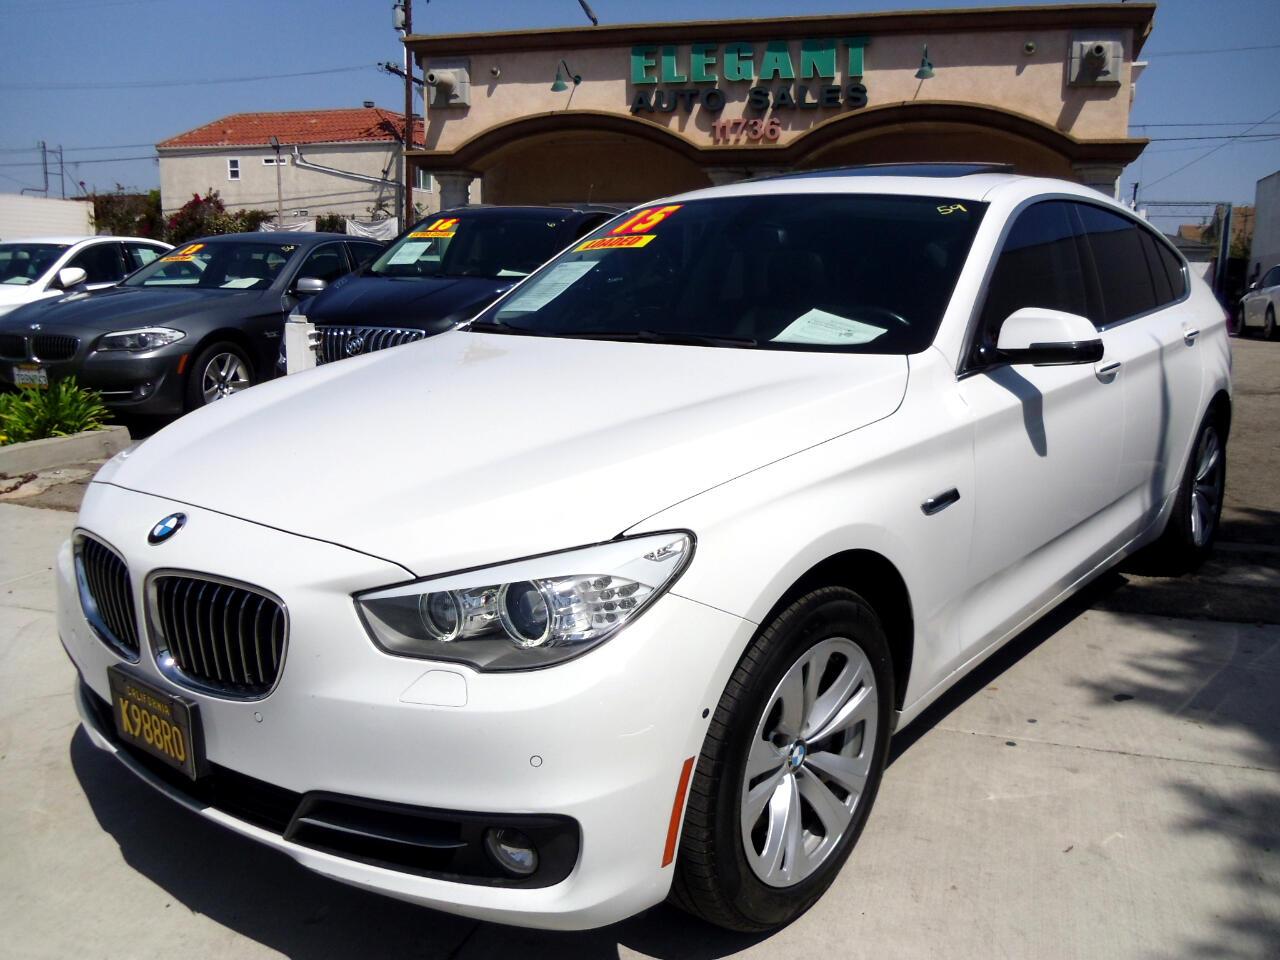 BMW 5 Series Gran Turismo 5dr 535i Gran Turismo RWD 2015